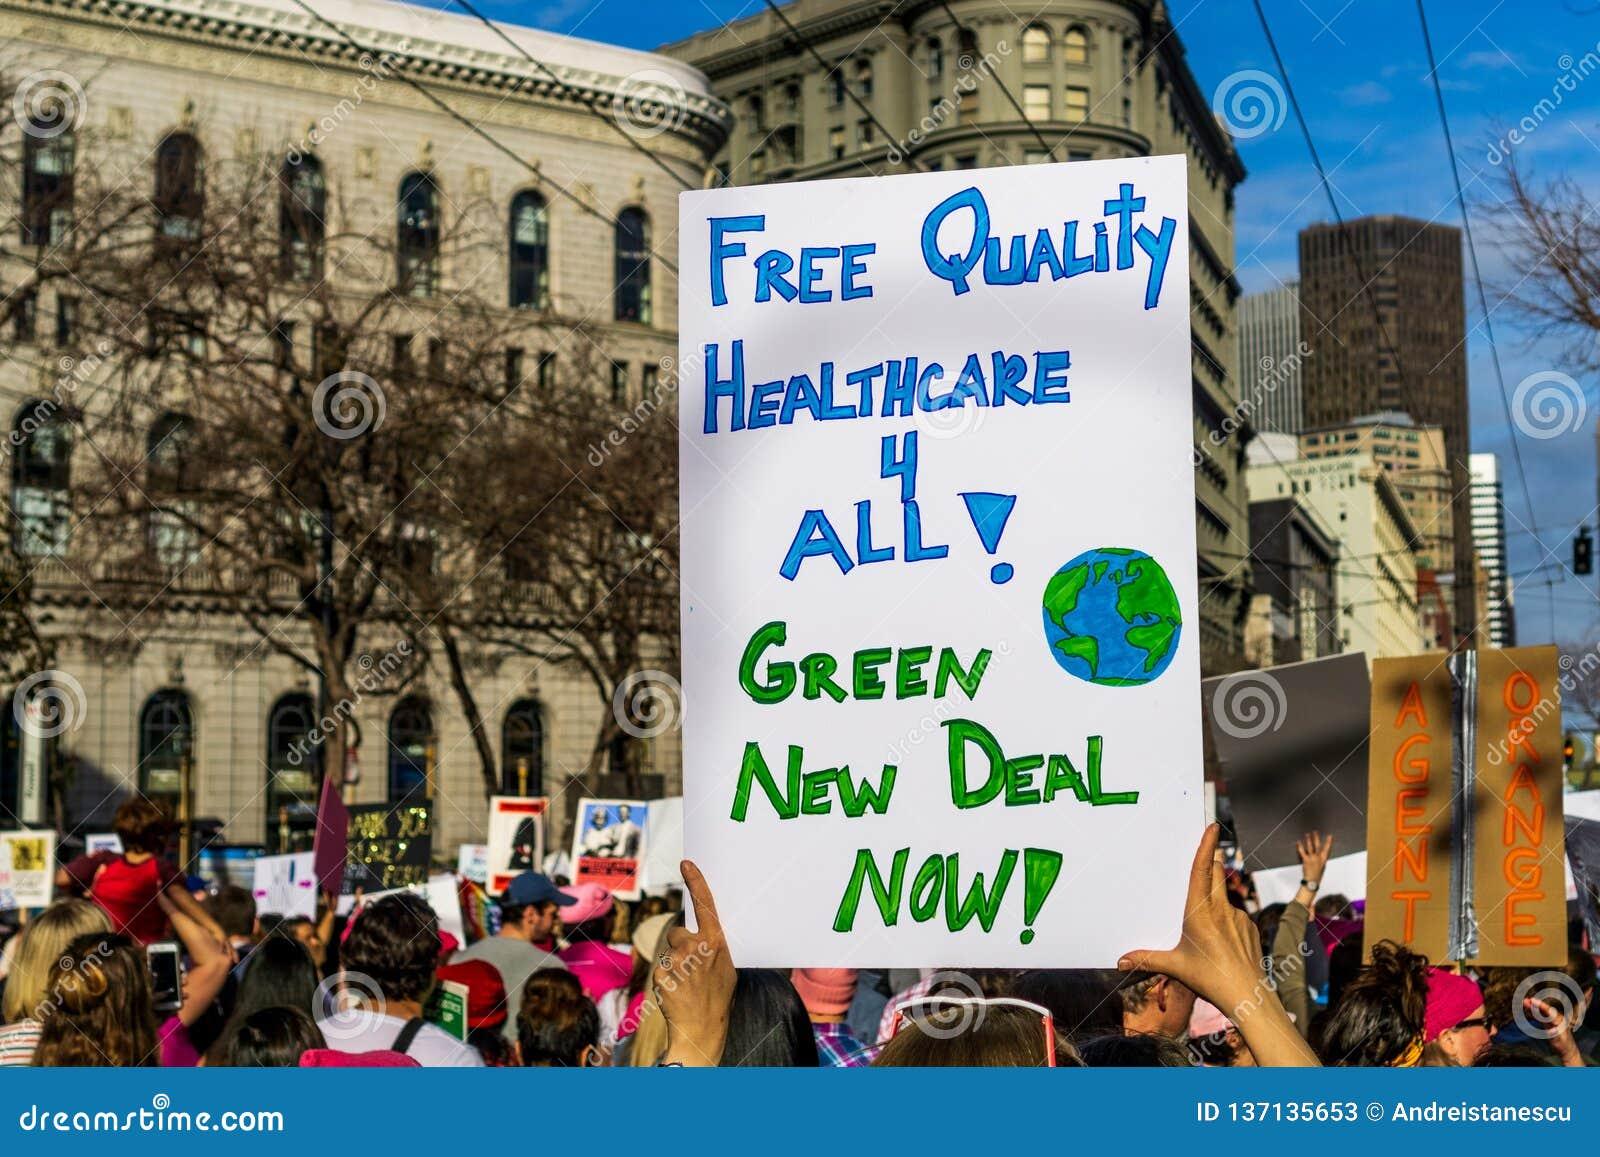 19 Ιανουαρίου 2019 Σαν Φρανσίσκο/ασβέστιο/ΗΠΑ - ελεύθερη υγειονομική περίθαλψη Μαρτίου των γυναικών και πράσινο σημάδι καινούργια